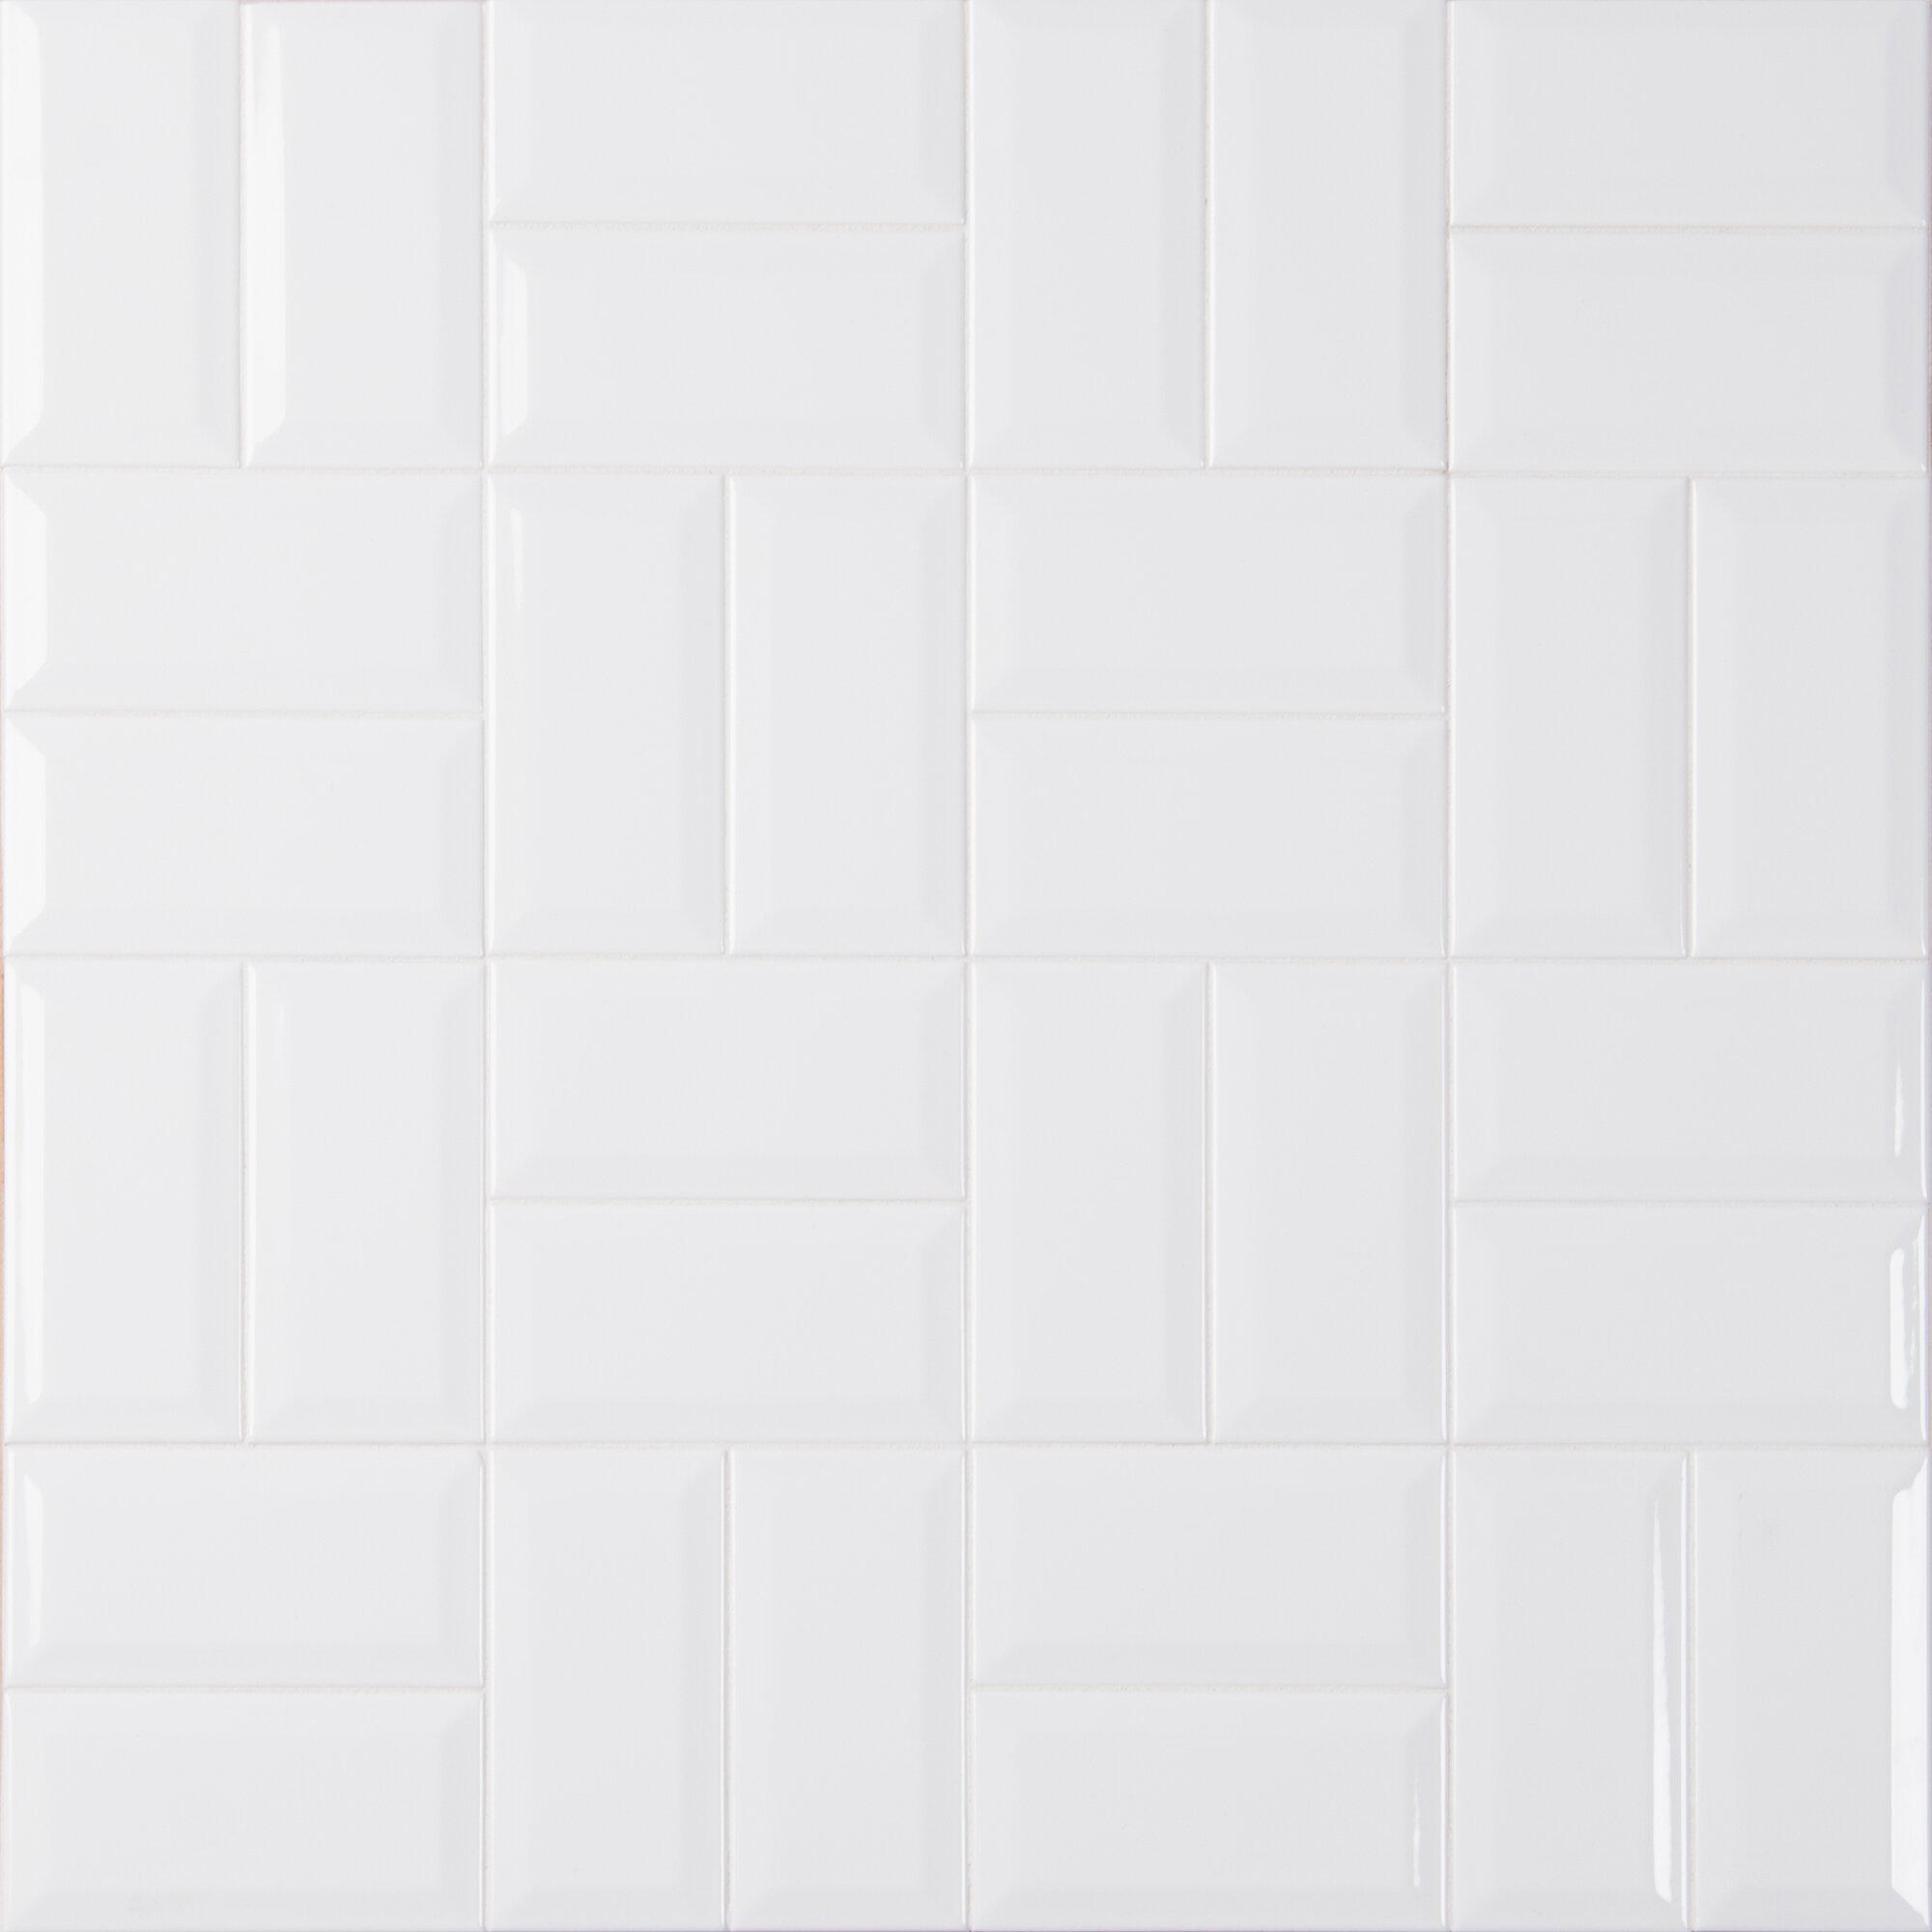 Sample Nantucket Beige 2 x 20 Crackled Ceramic Subway Backsplash Tile